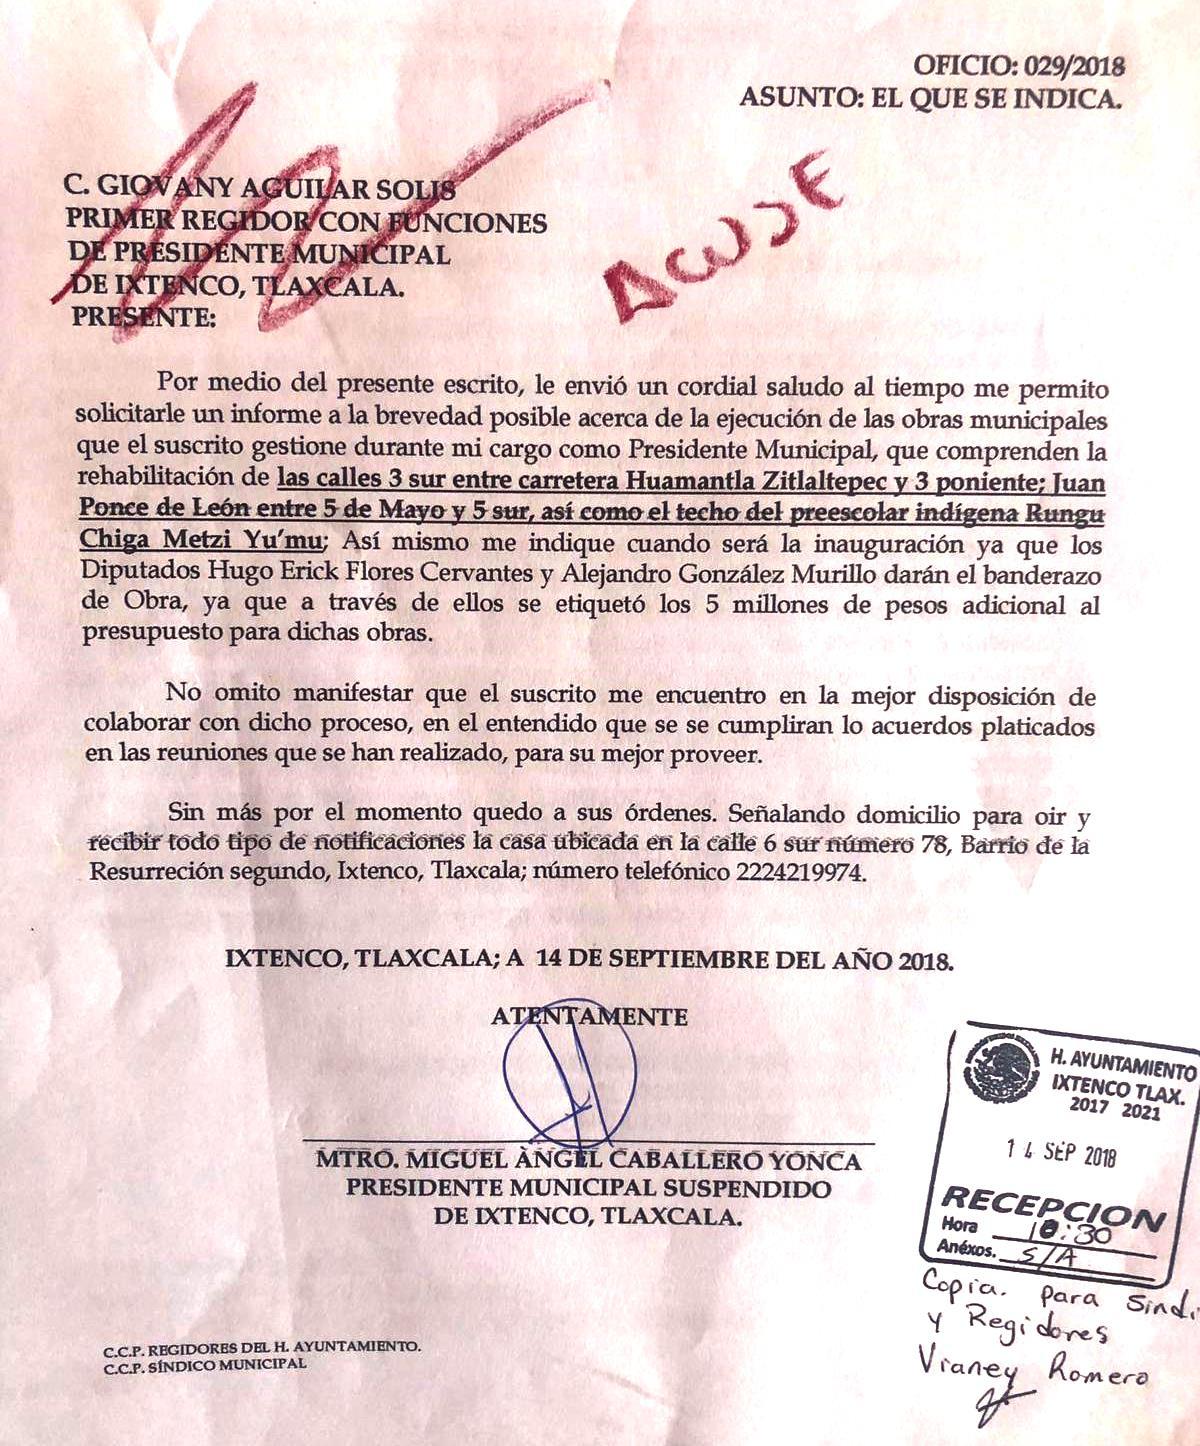 Alcalde interino de Ixtenco quiere hacer caravana con sobrero ajeno